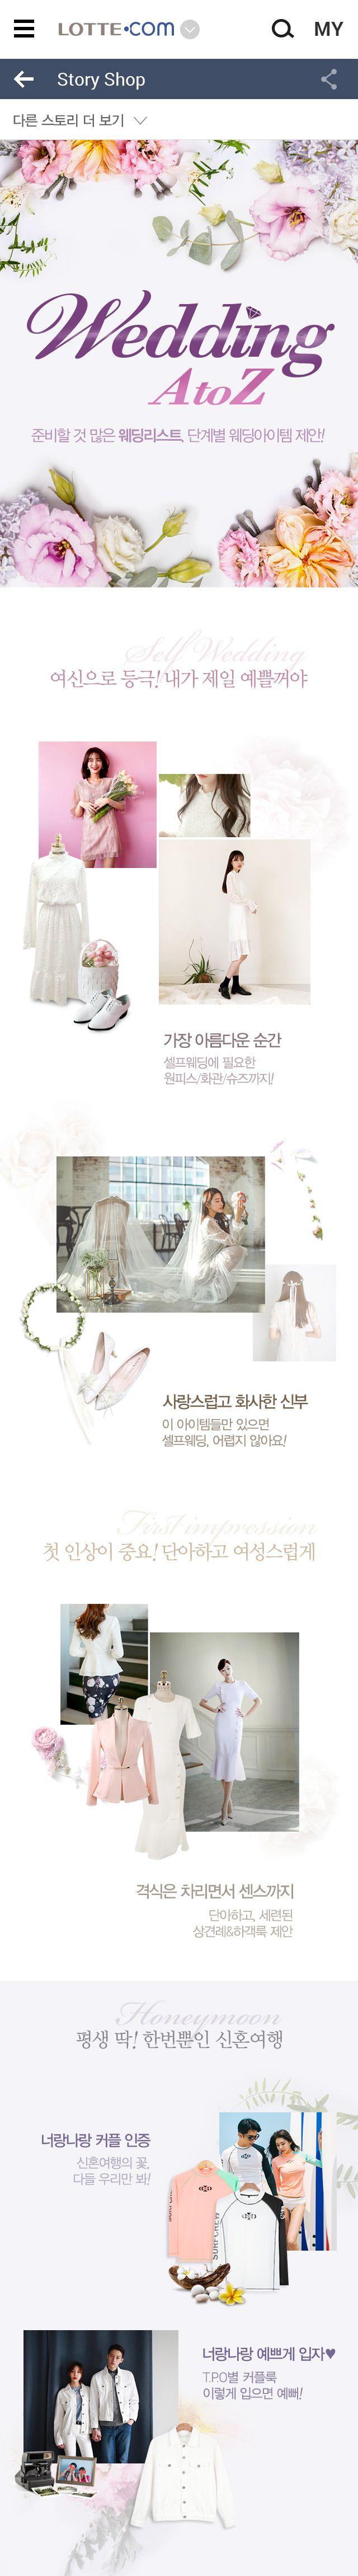 Wedding AtoZ (MO)_의류팀_170417_Designed by 정유영